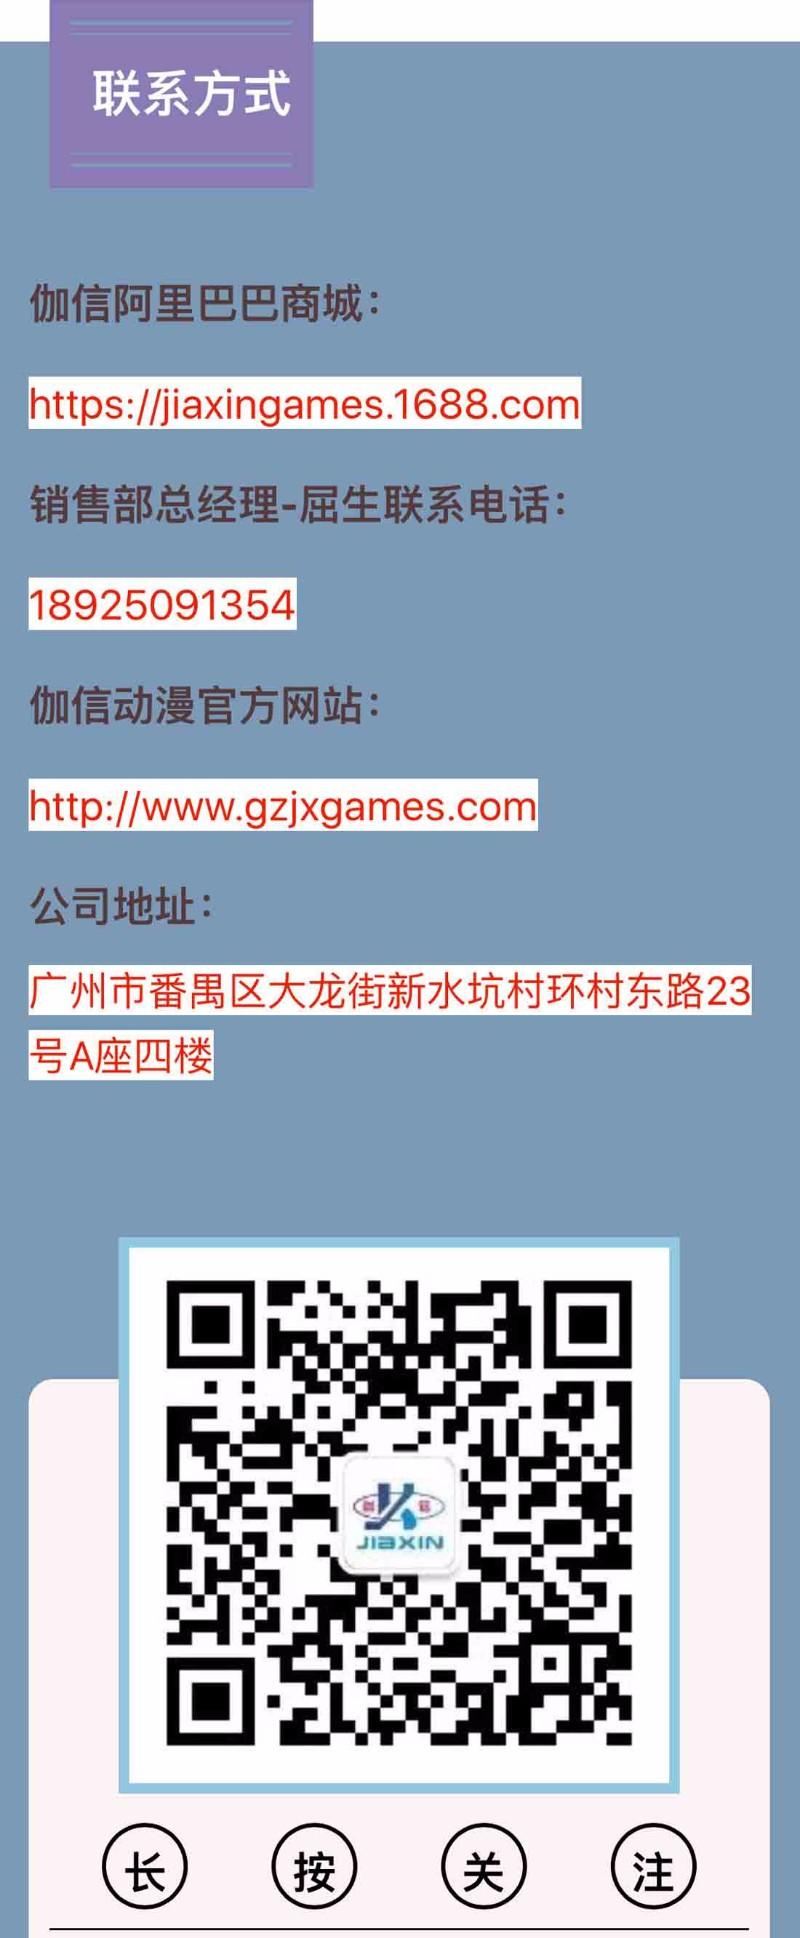 广州伽信儿童投币大型游戏机动物保龄球亲子双人互动游艺机